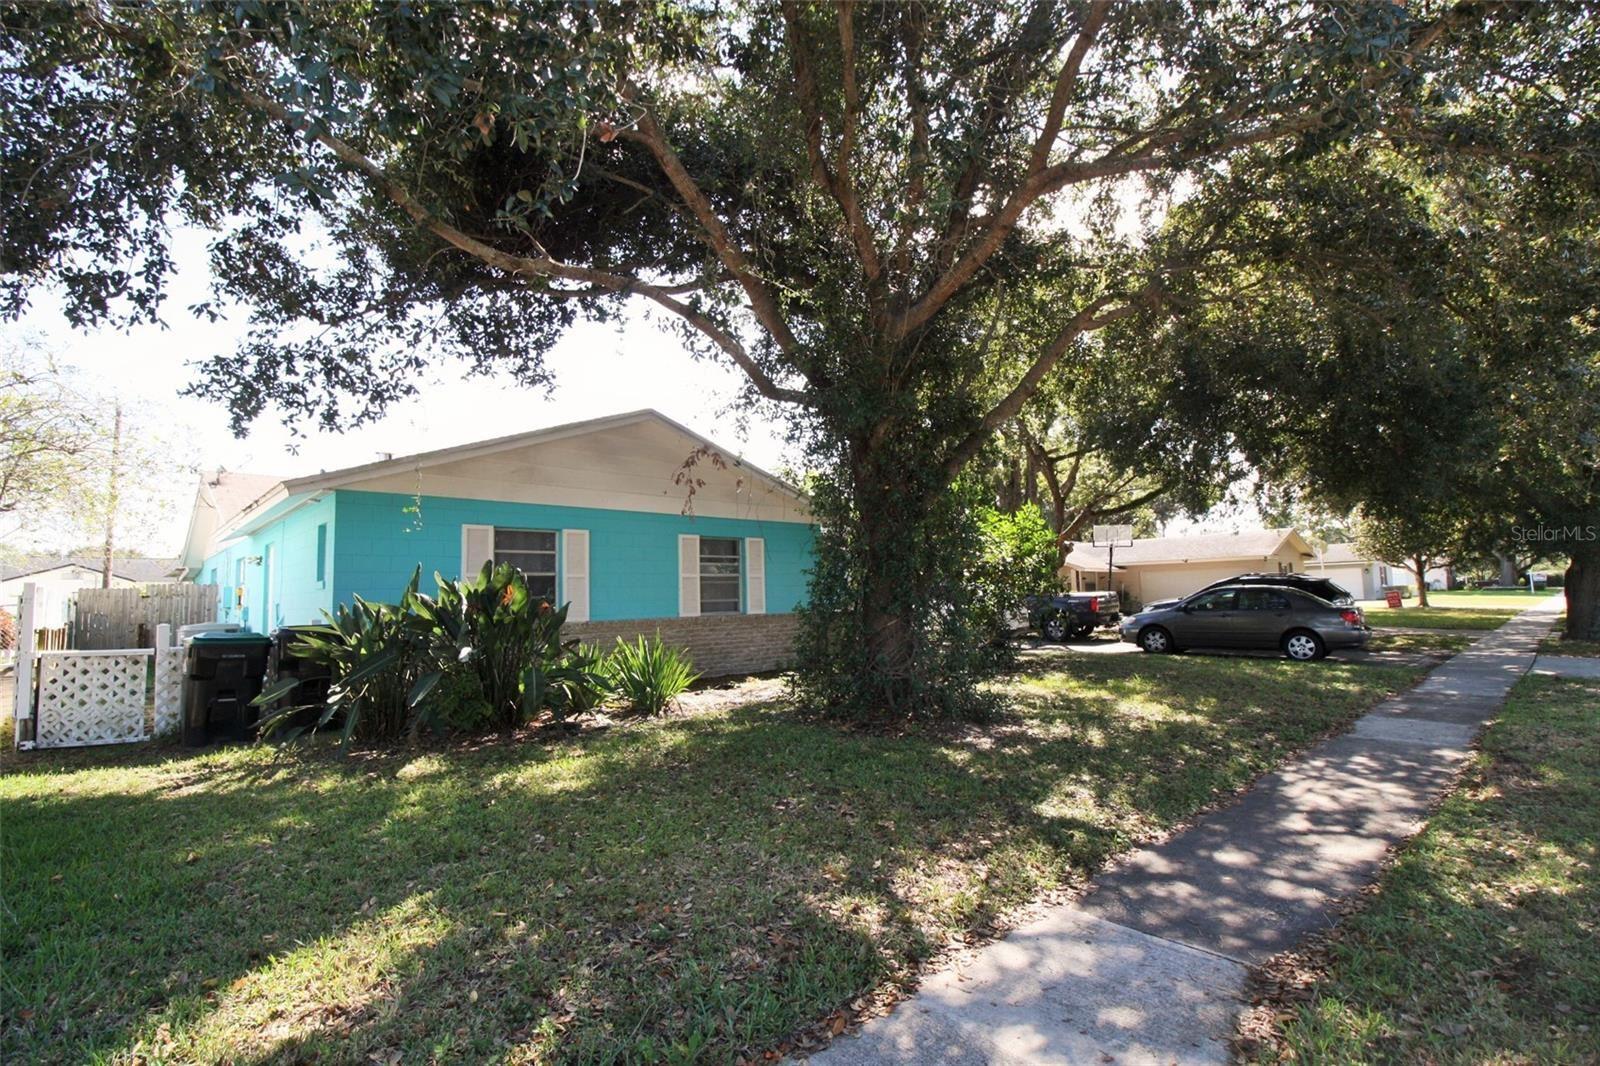 532 S RANGER BOULEVARD, Winter Park, FL 32792 - #: O5954570